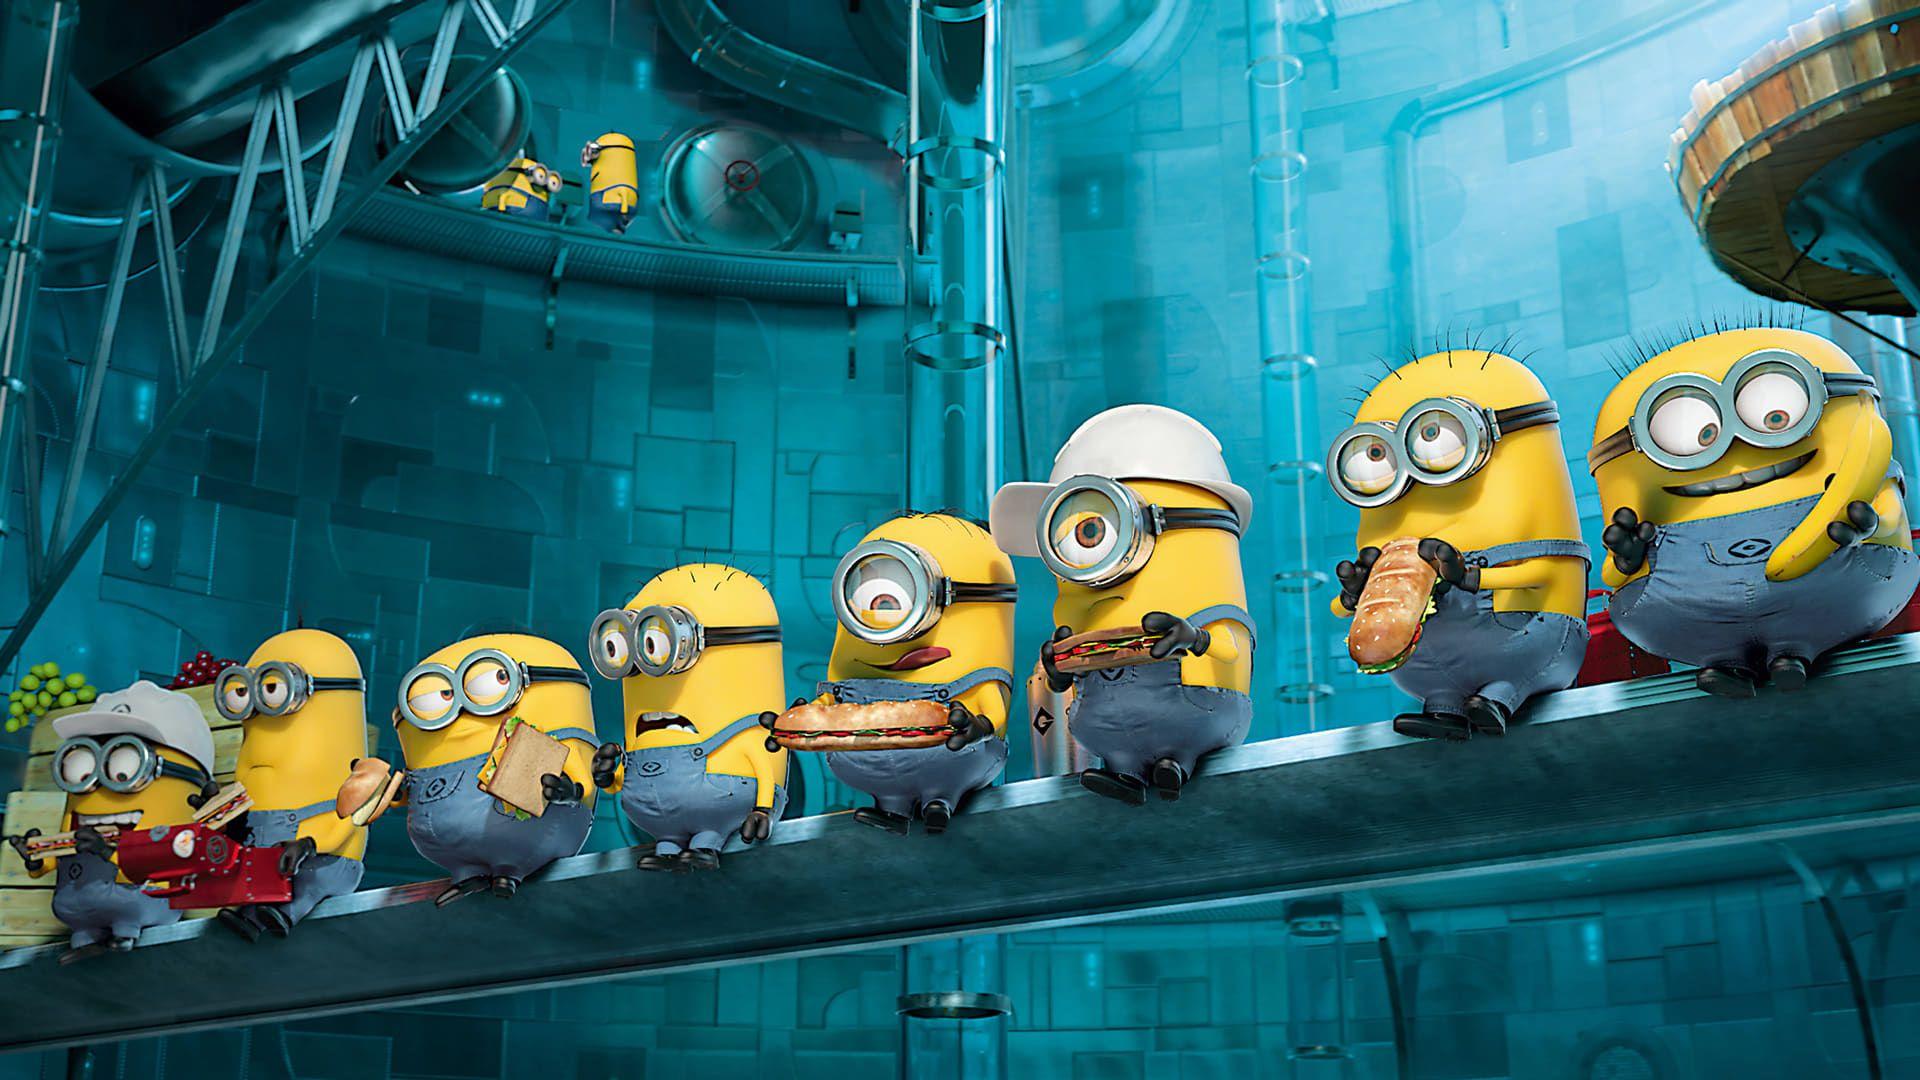 Ich Einfach Unverbesserlich 2 2013 Ganzer Film Deutsch Komplett Kino Nachdem Der Superschurke Gru Die Drei Barang Minion Minions Despicable Me Despicable Me